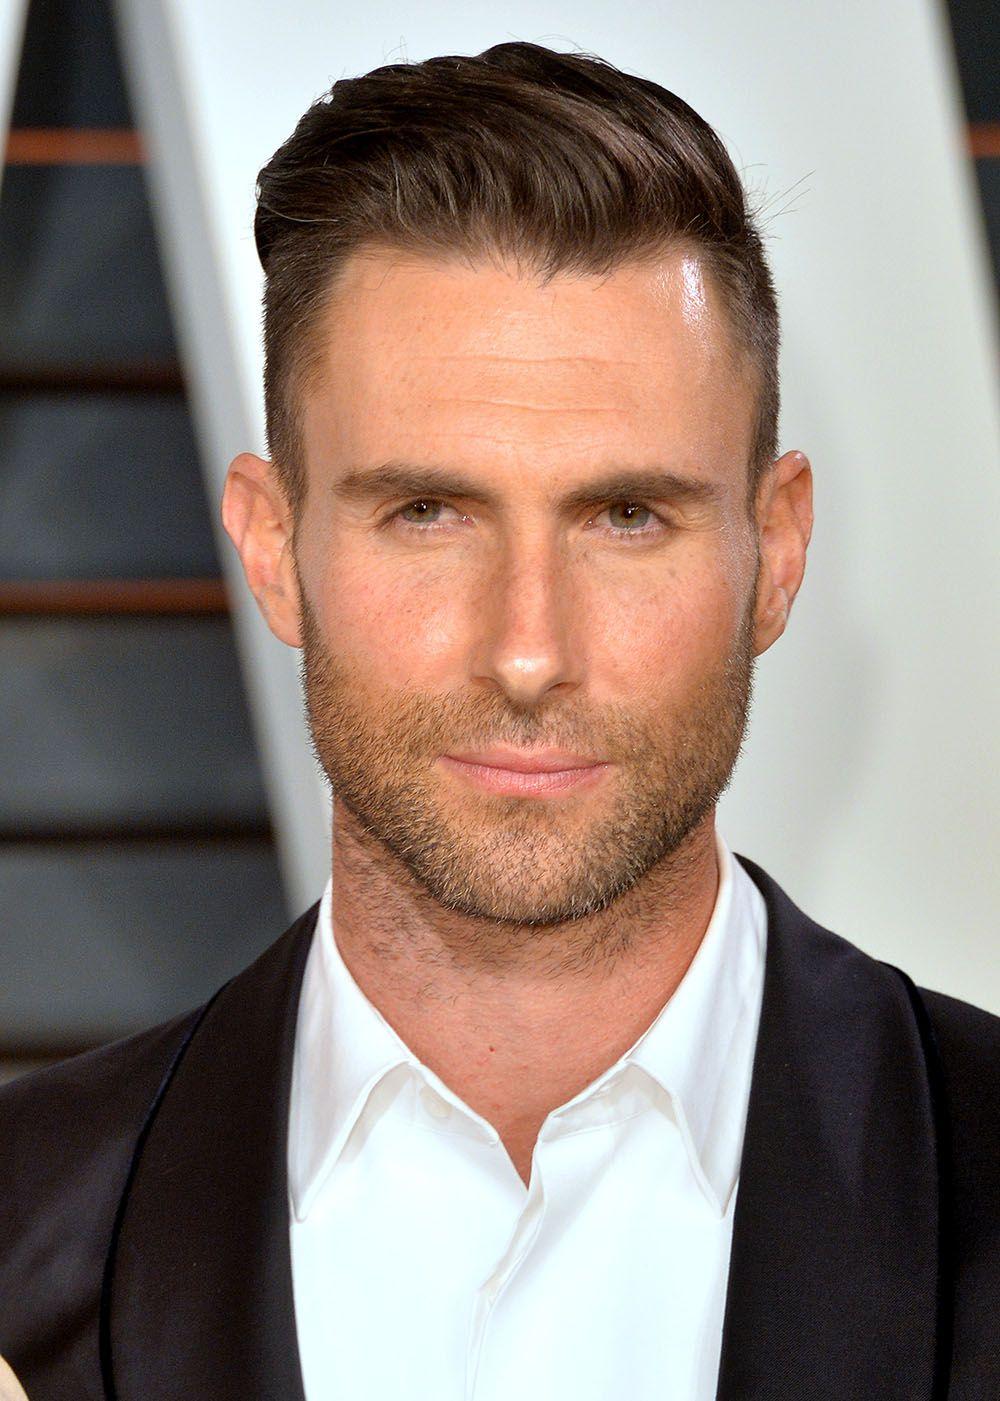 Adam Levine S Changing Looks Adam Levine Haircut Adam Levine Hair Adam Levine